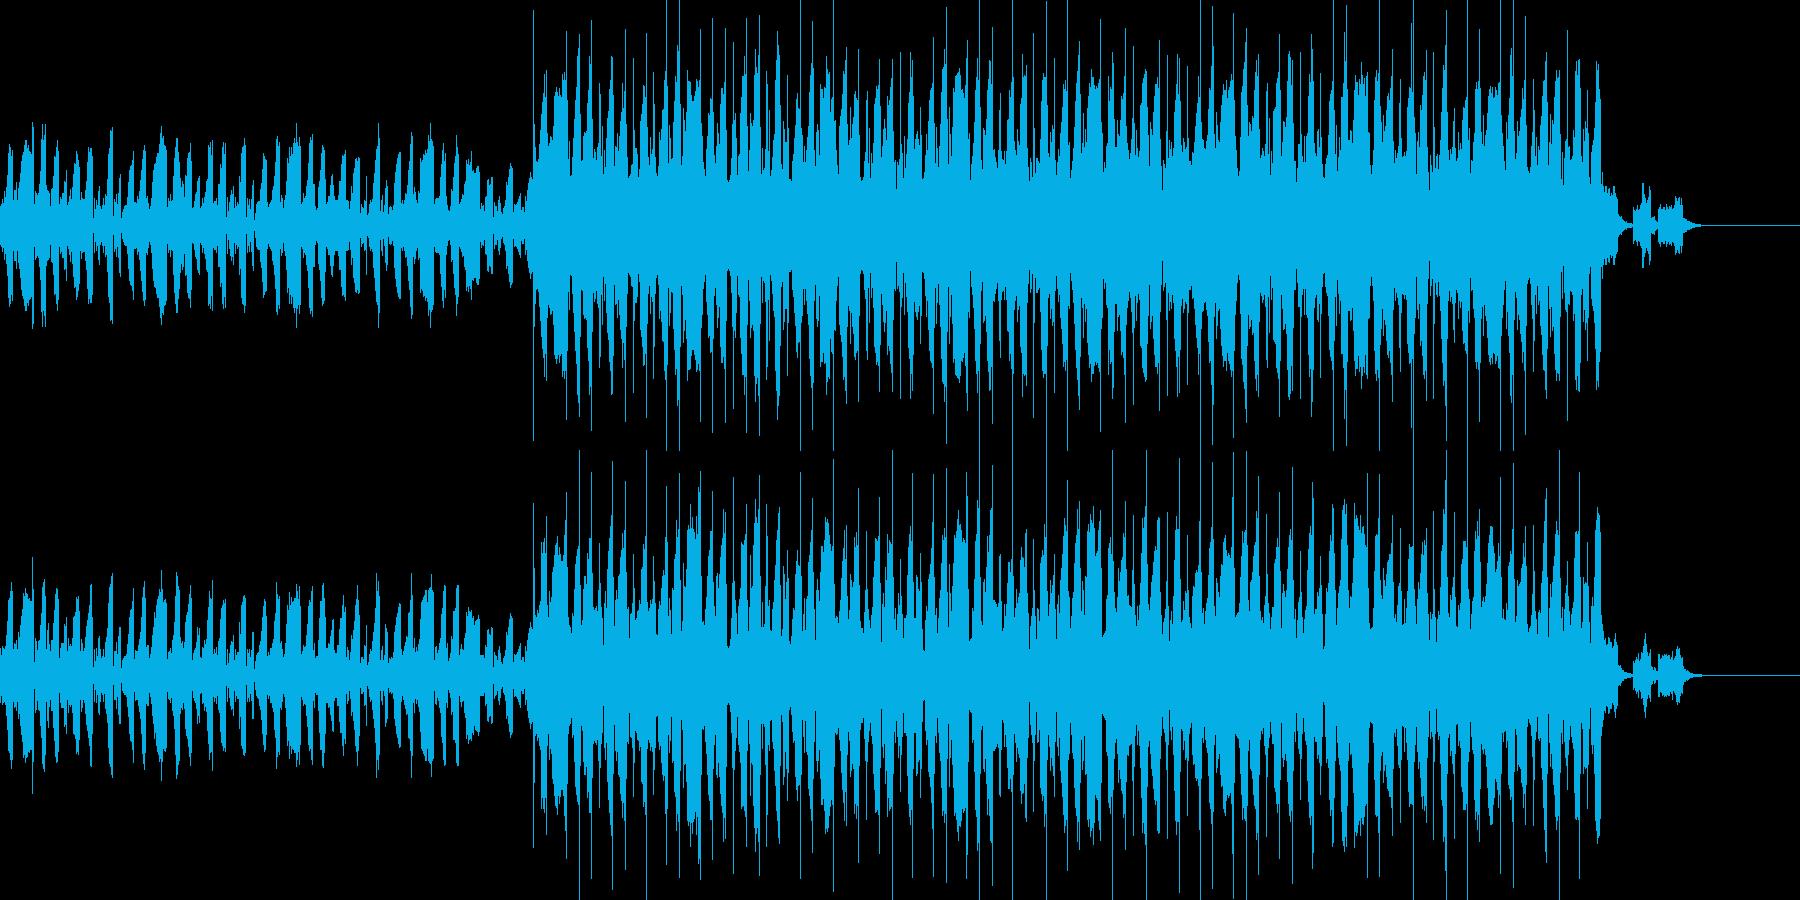 wave系ショート楽曲の再生済みの波形